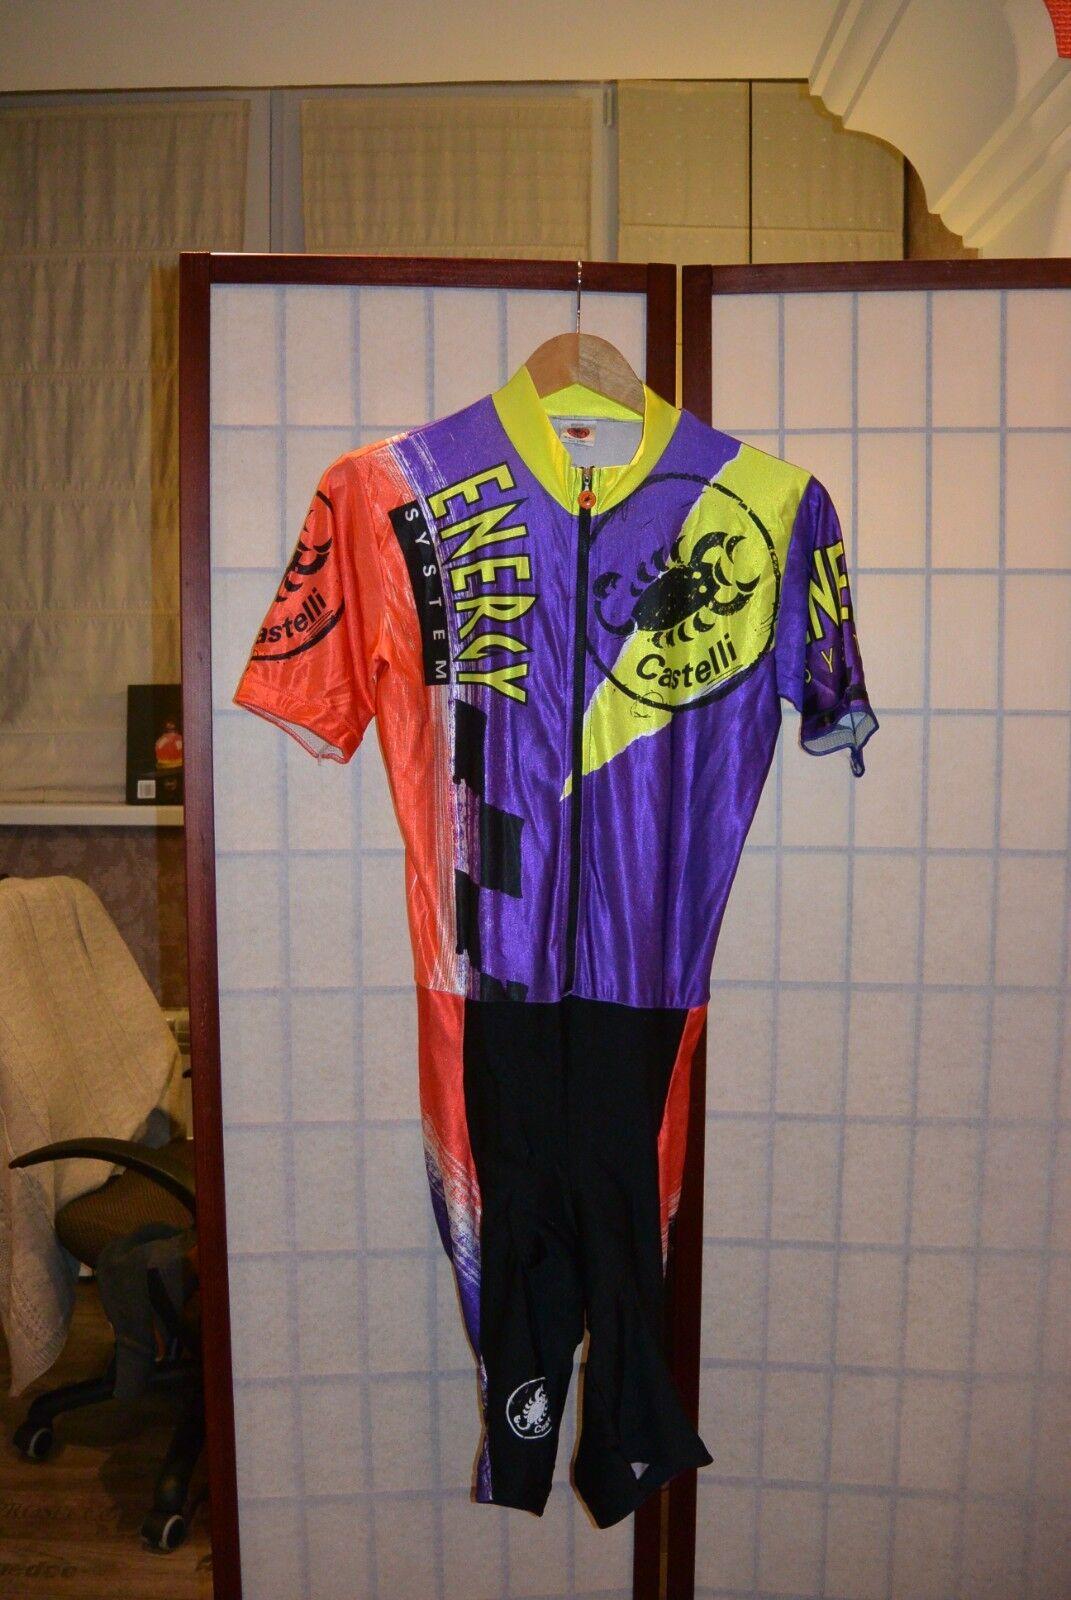 Traje para ciclismo de ciclismo Energy  sistema Vintage Castelli, Traje, roadsuit, L  perfecto